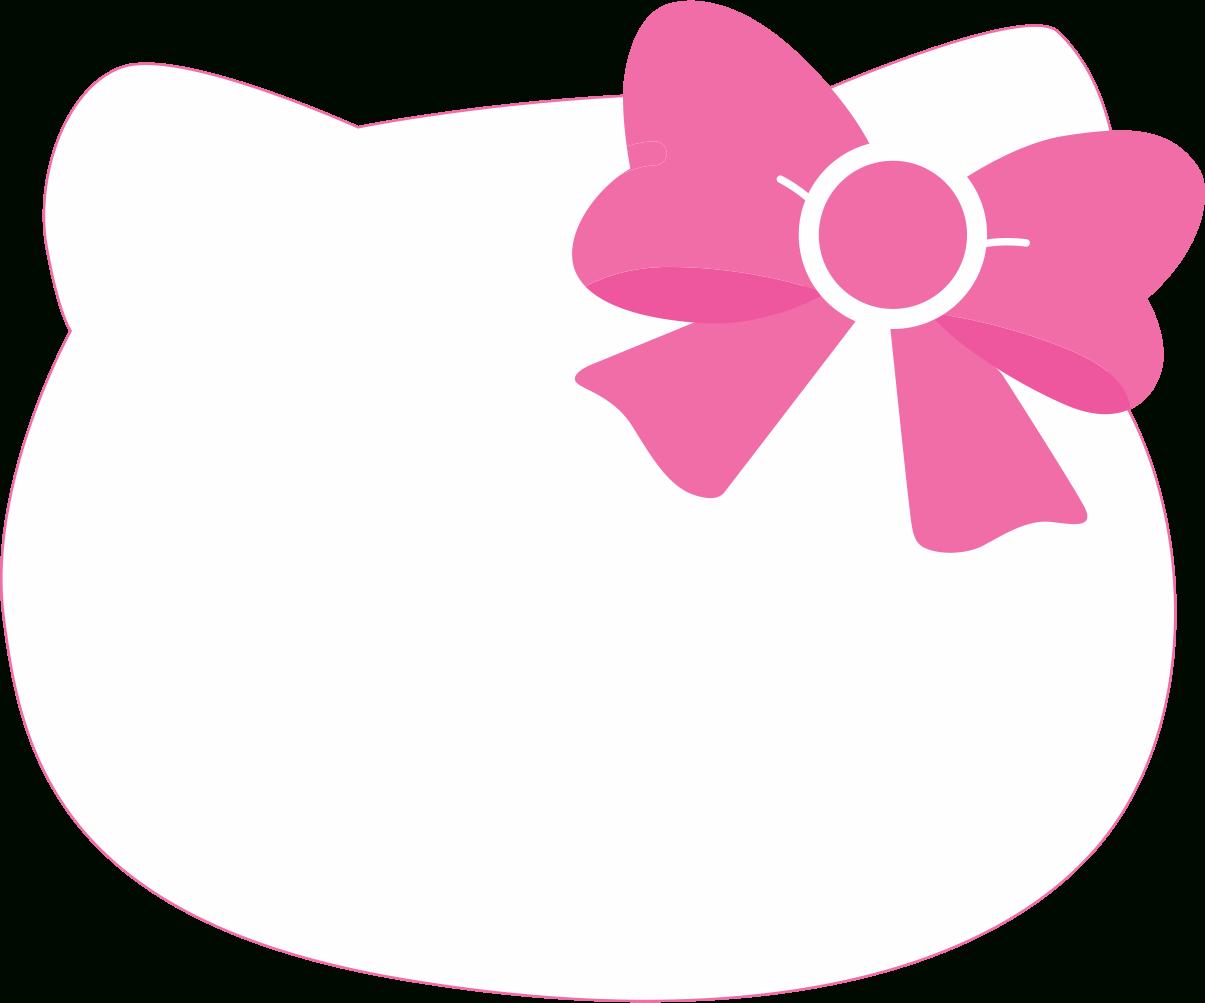 Hello Kitty Free Printable Mini Kit.   Oh My Fiesta! In English - Hello Kitty Labels Printable Free